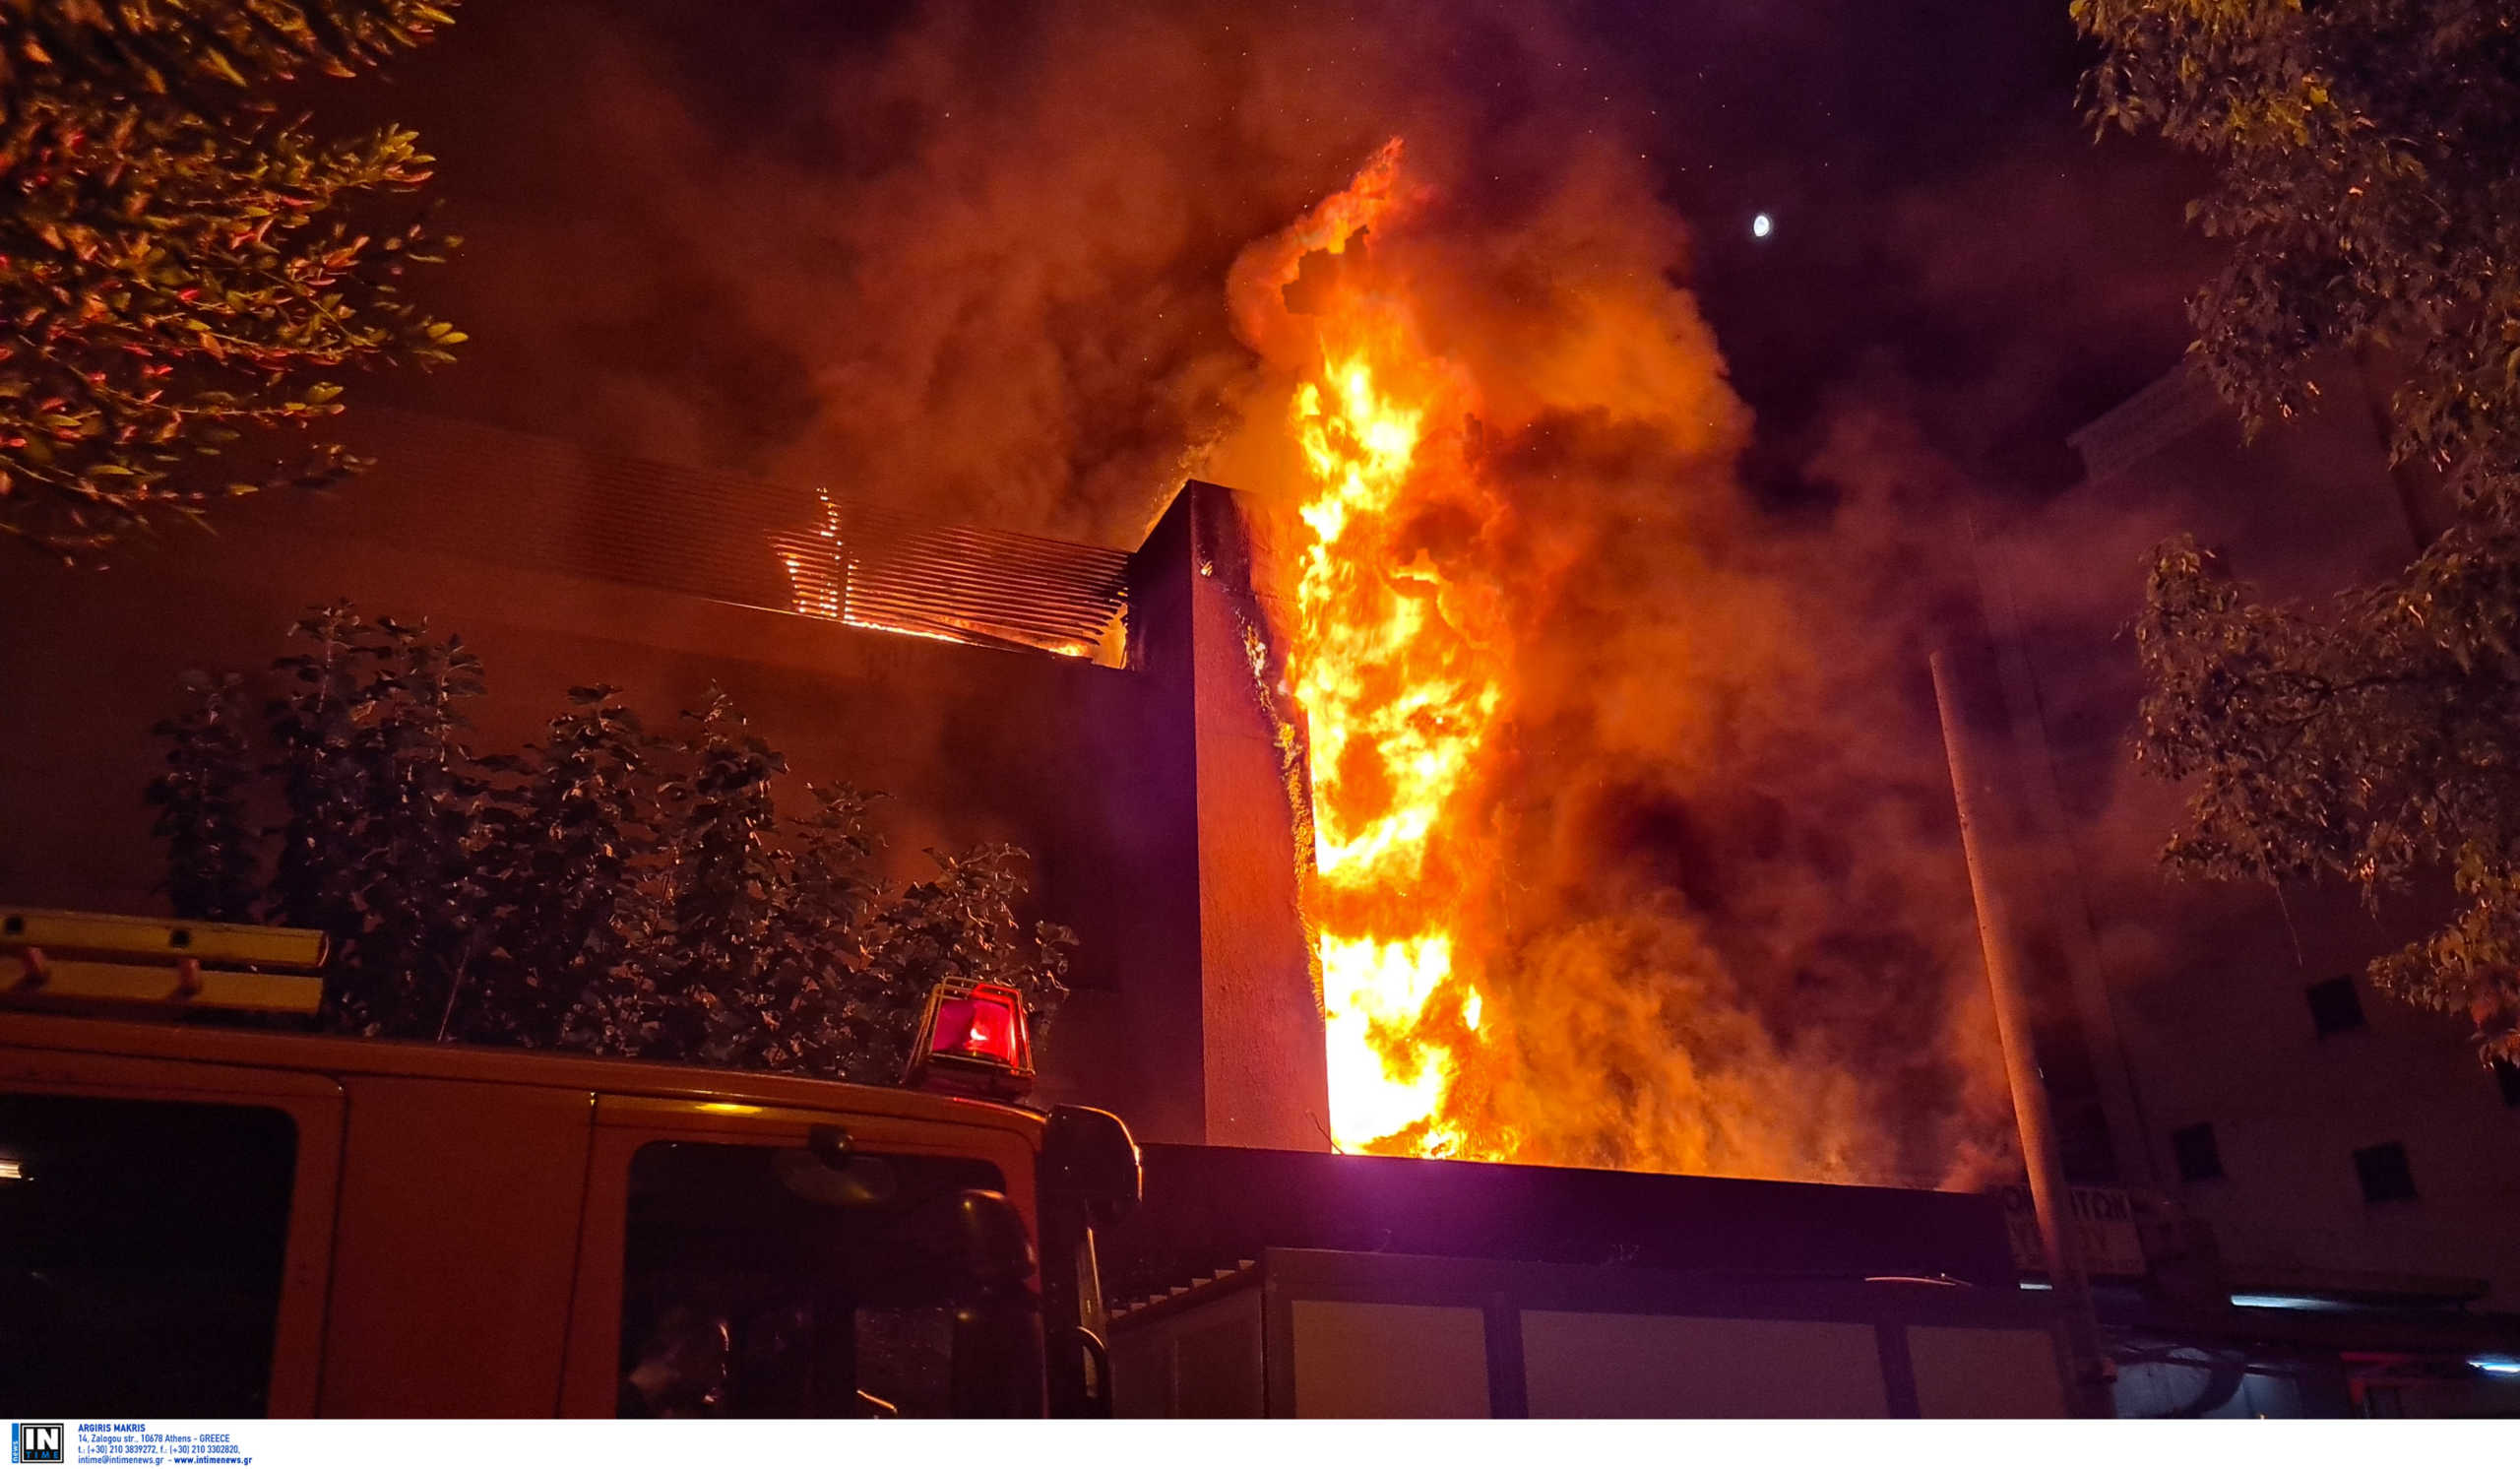 Συγκλονιστικές εικόνες από τη φωτιά σε εστιατόριο στο Παλαιό Φάληρο